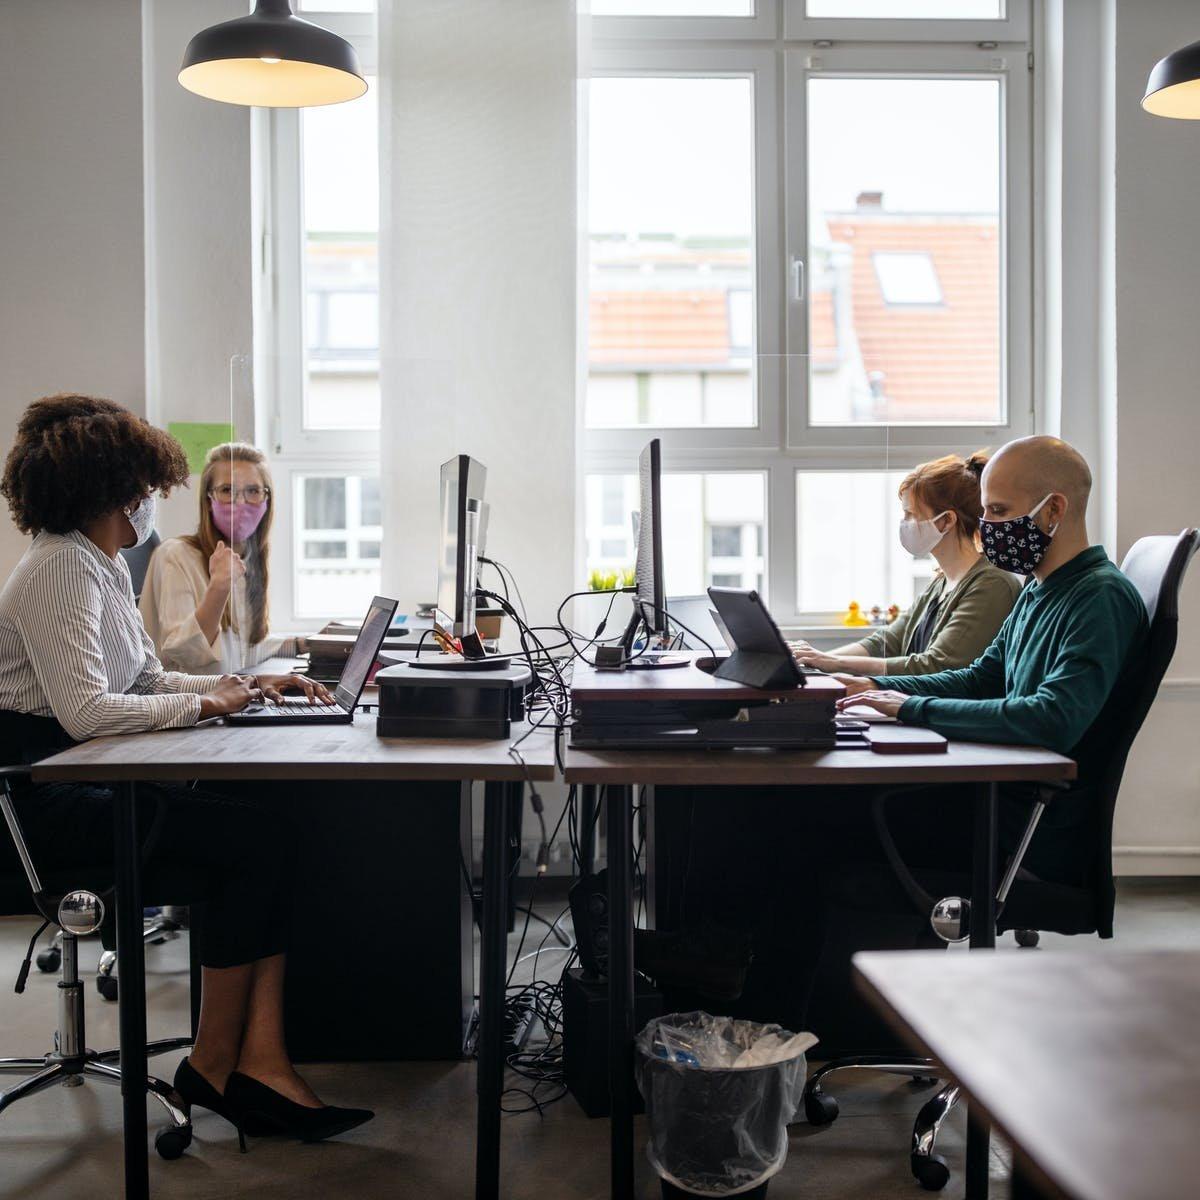 Японы судлаачид COVID-19-тэй холбоотой ажилчдын сэтгэл санааны байдал болон ажлын бүтээмж, түүний эсрэг ажлын байранд хэрэгжүүлж байгаа хариу арга хэмжээний хамаарлыг судалсан байна.